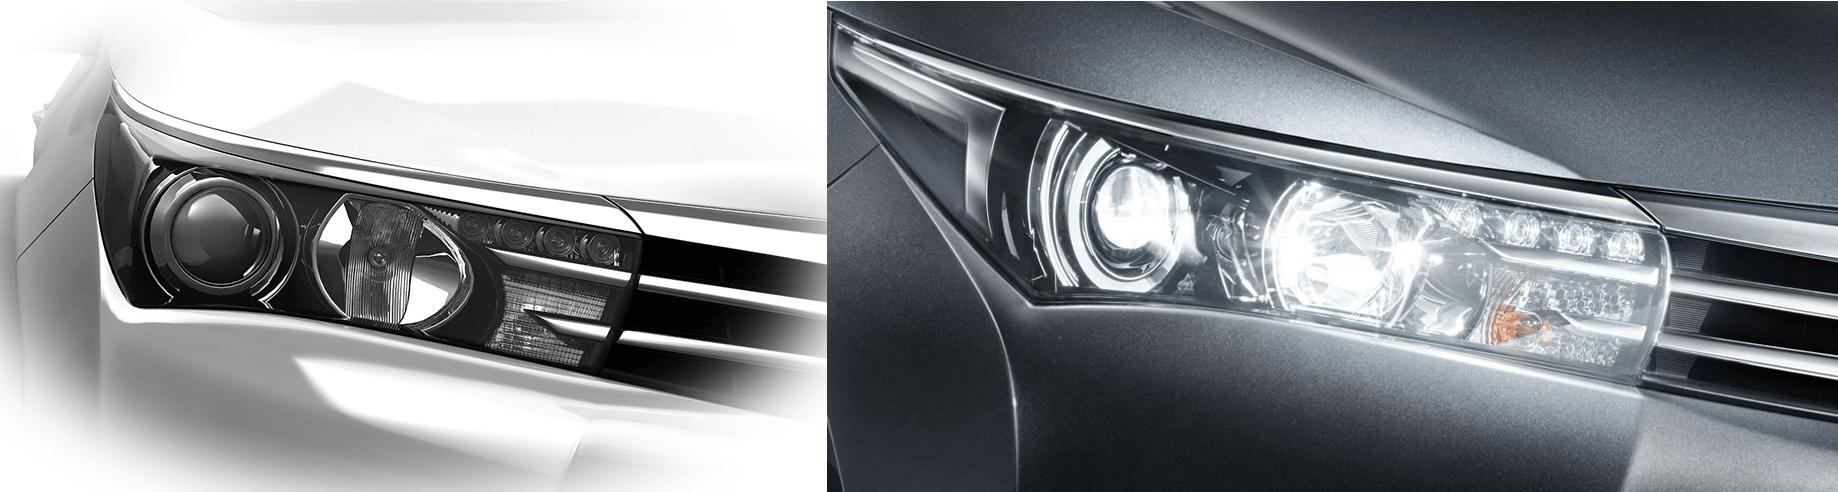 Cụm đèn pha xe Toyota Altis 2017 góc cạnh và cá tính.